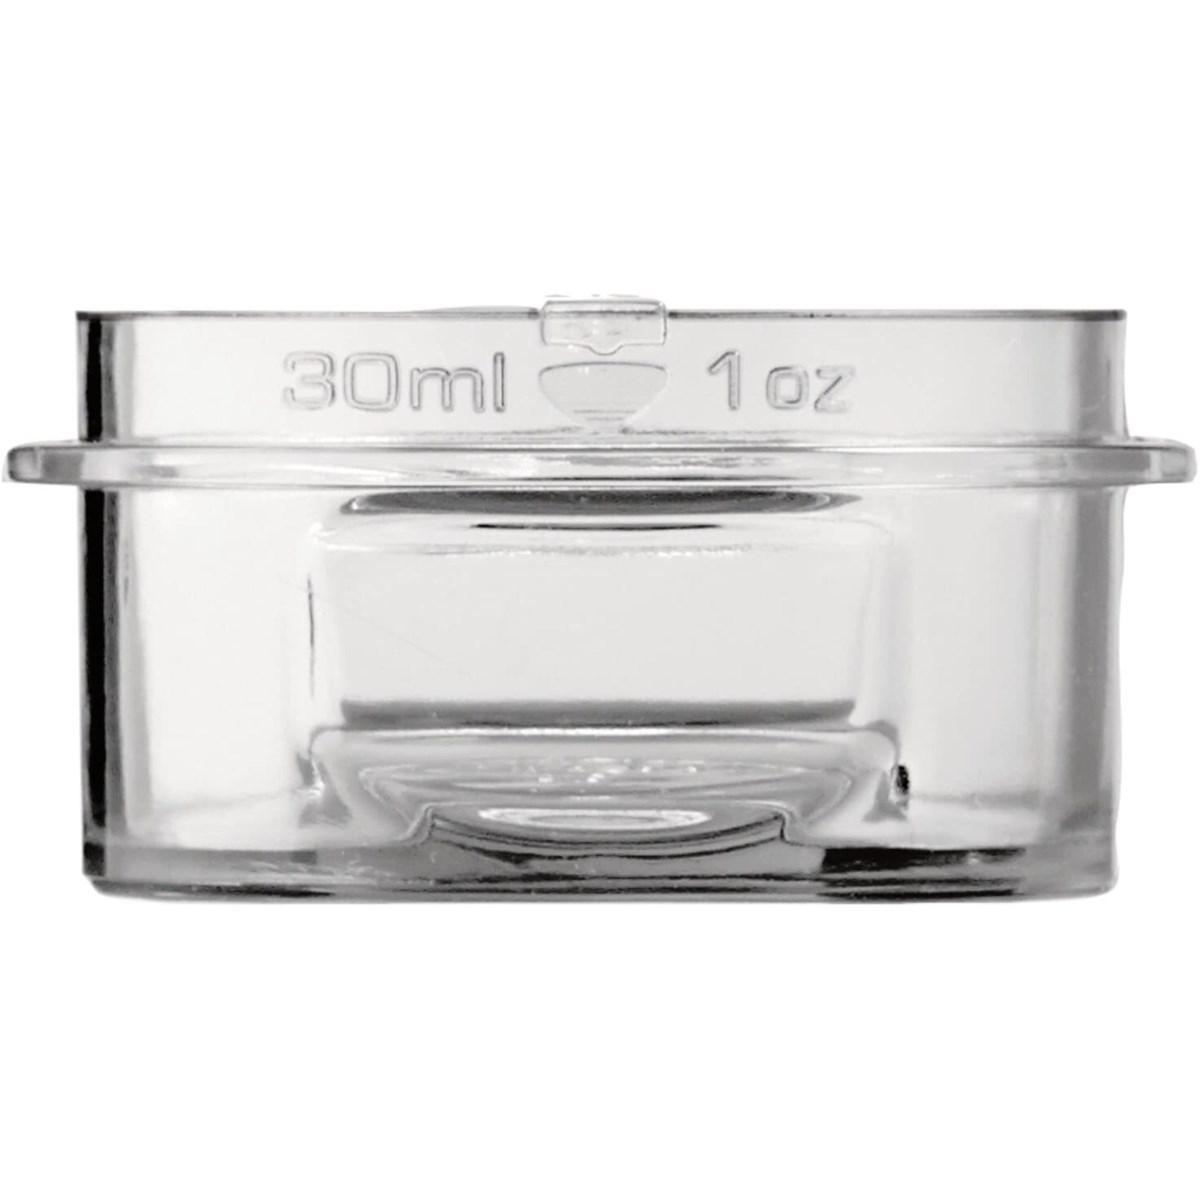 12-SPD + Pulse Blender - Blk (ETL Cert)